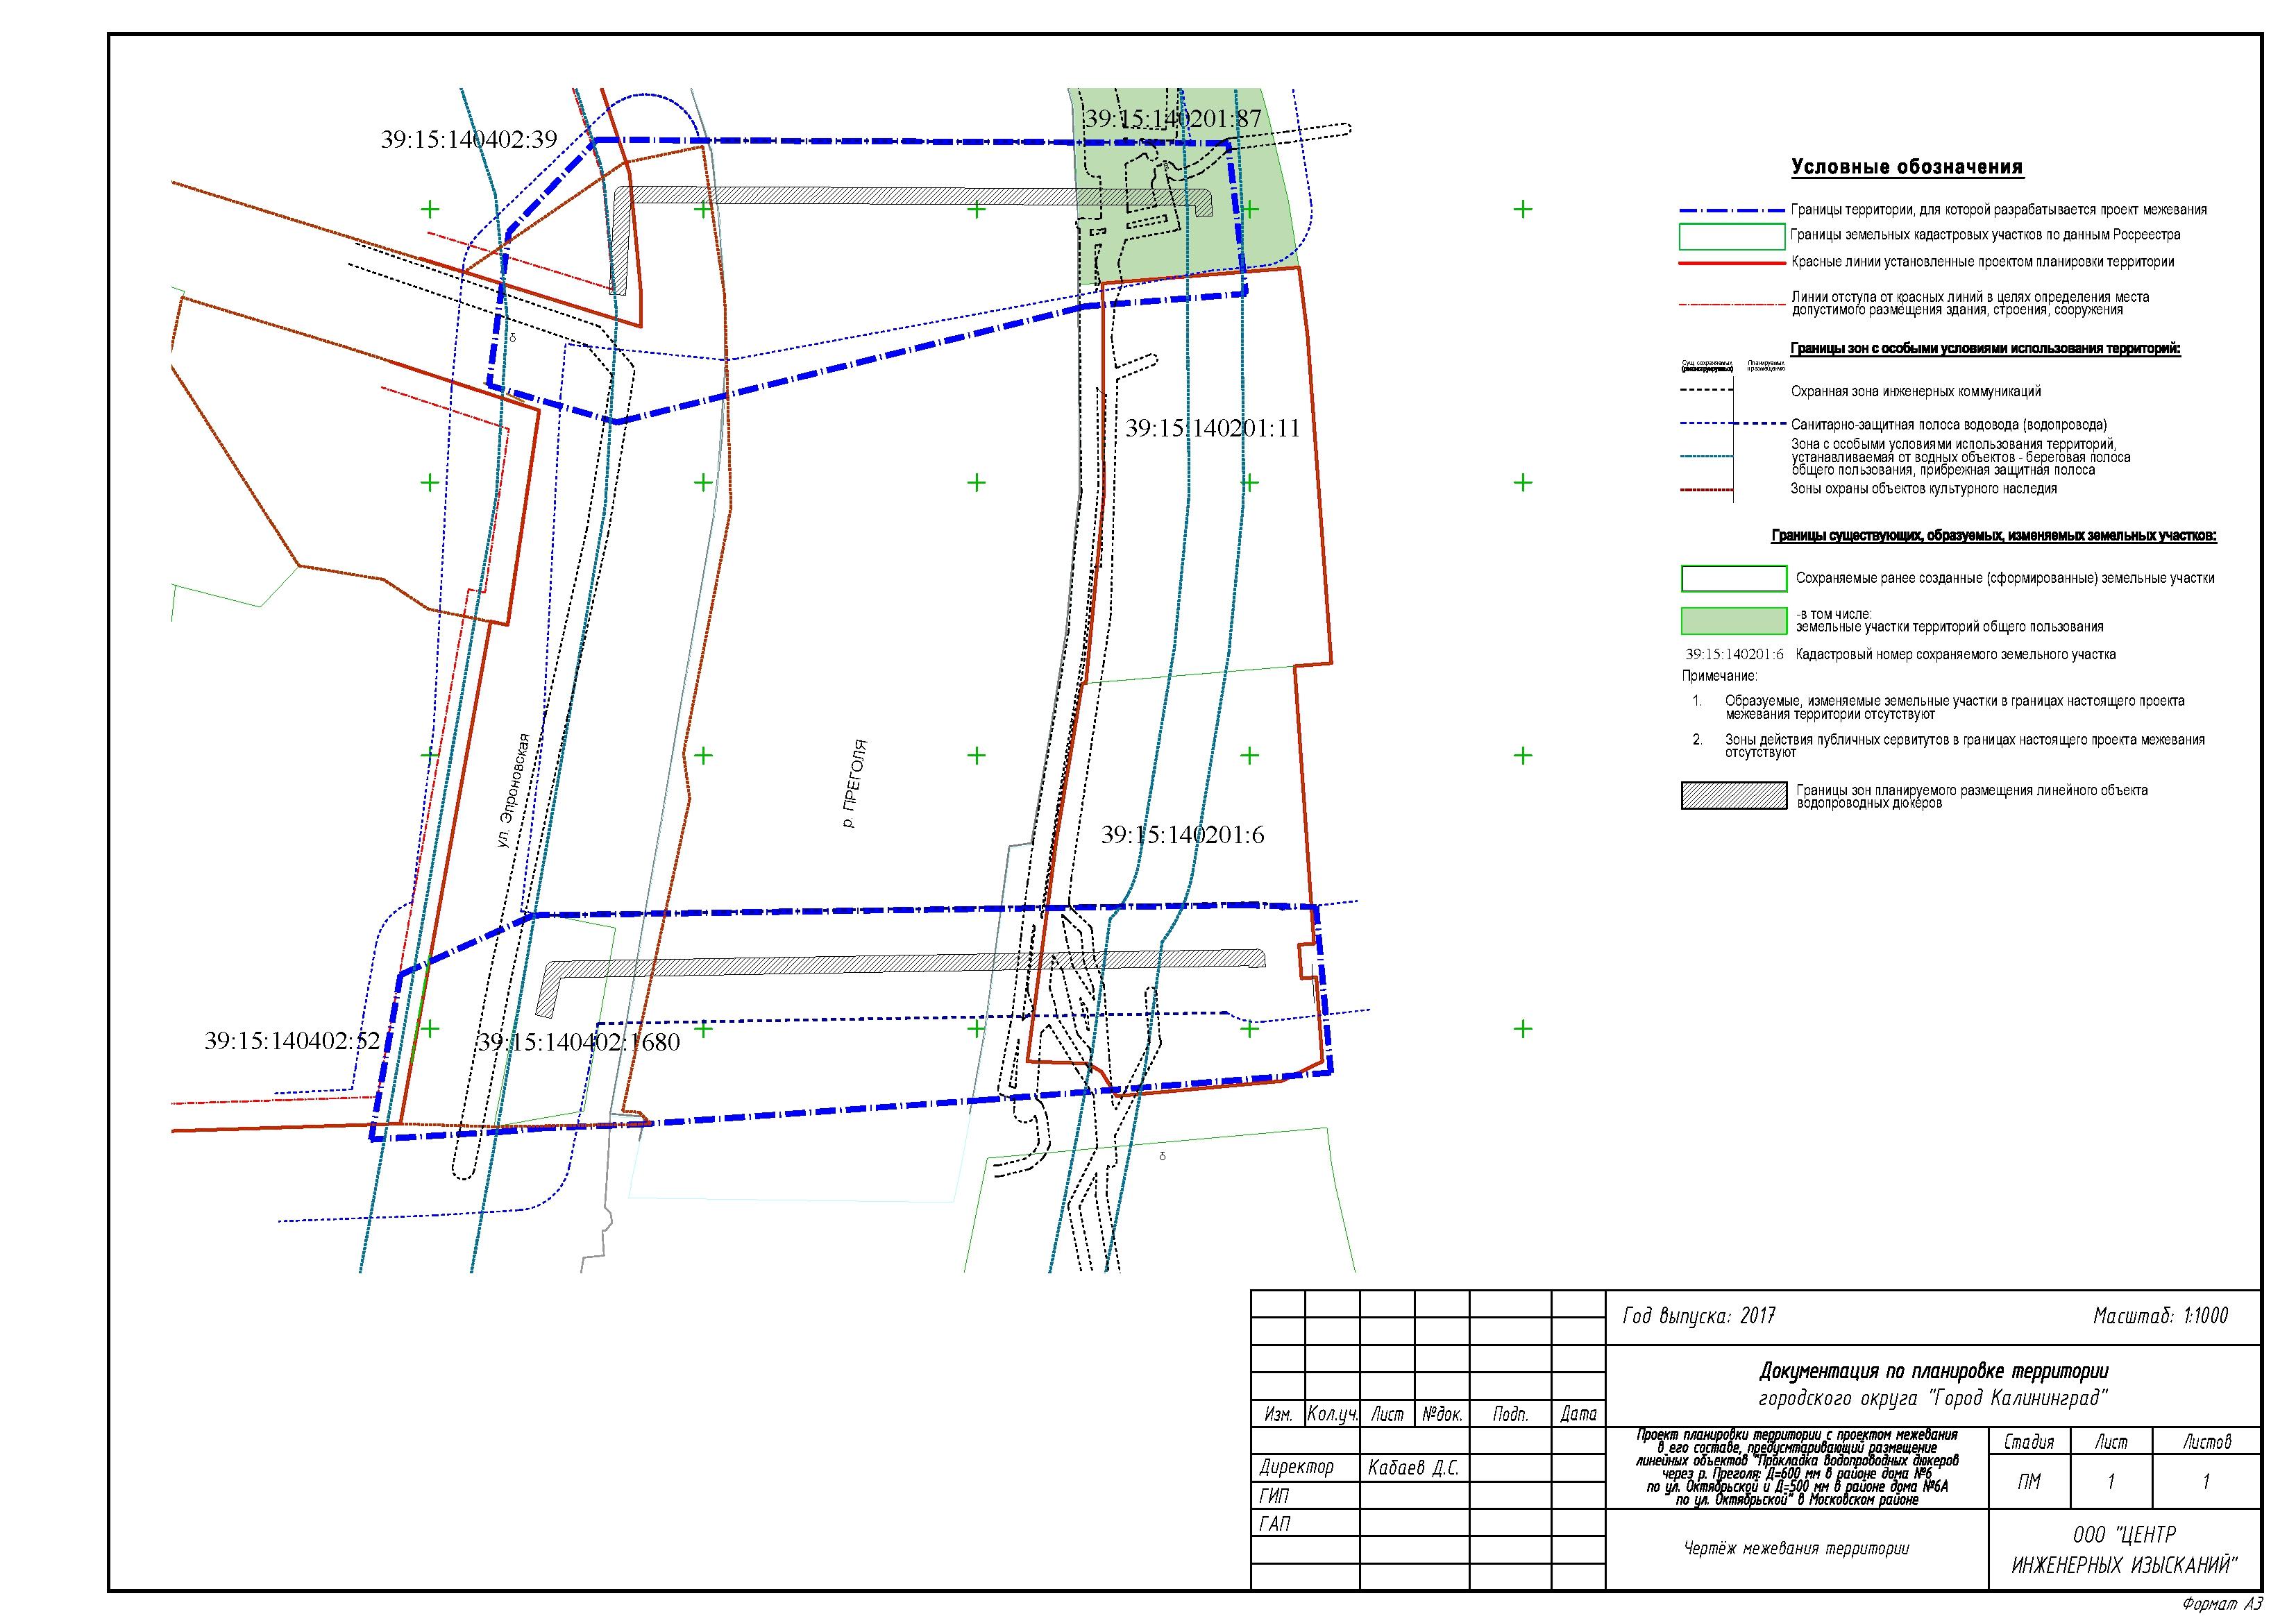 Что такое охранная зона водопровода и зачем она нужна